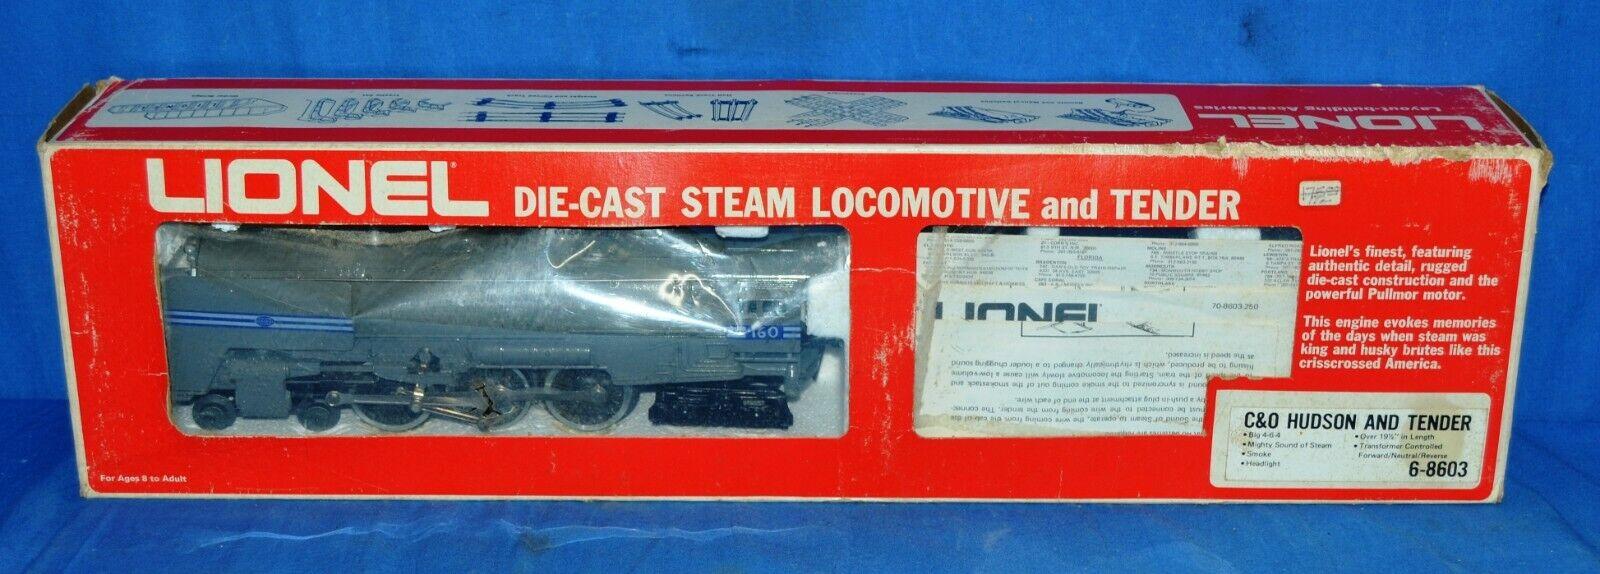 Lionel 6-8603 Die Cast New York Central Steam Locomotive & Tender